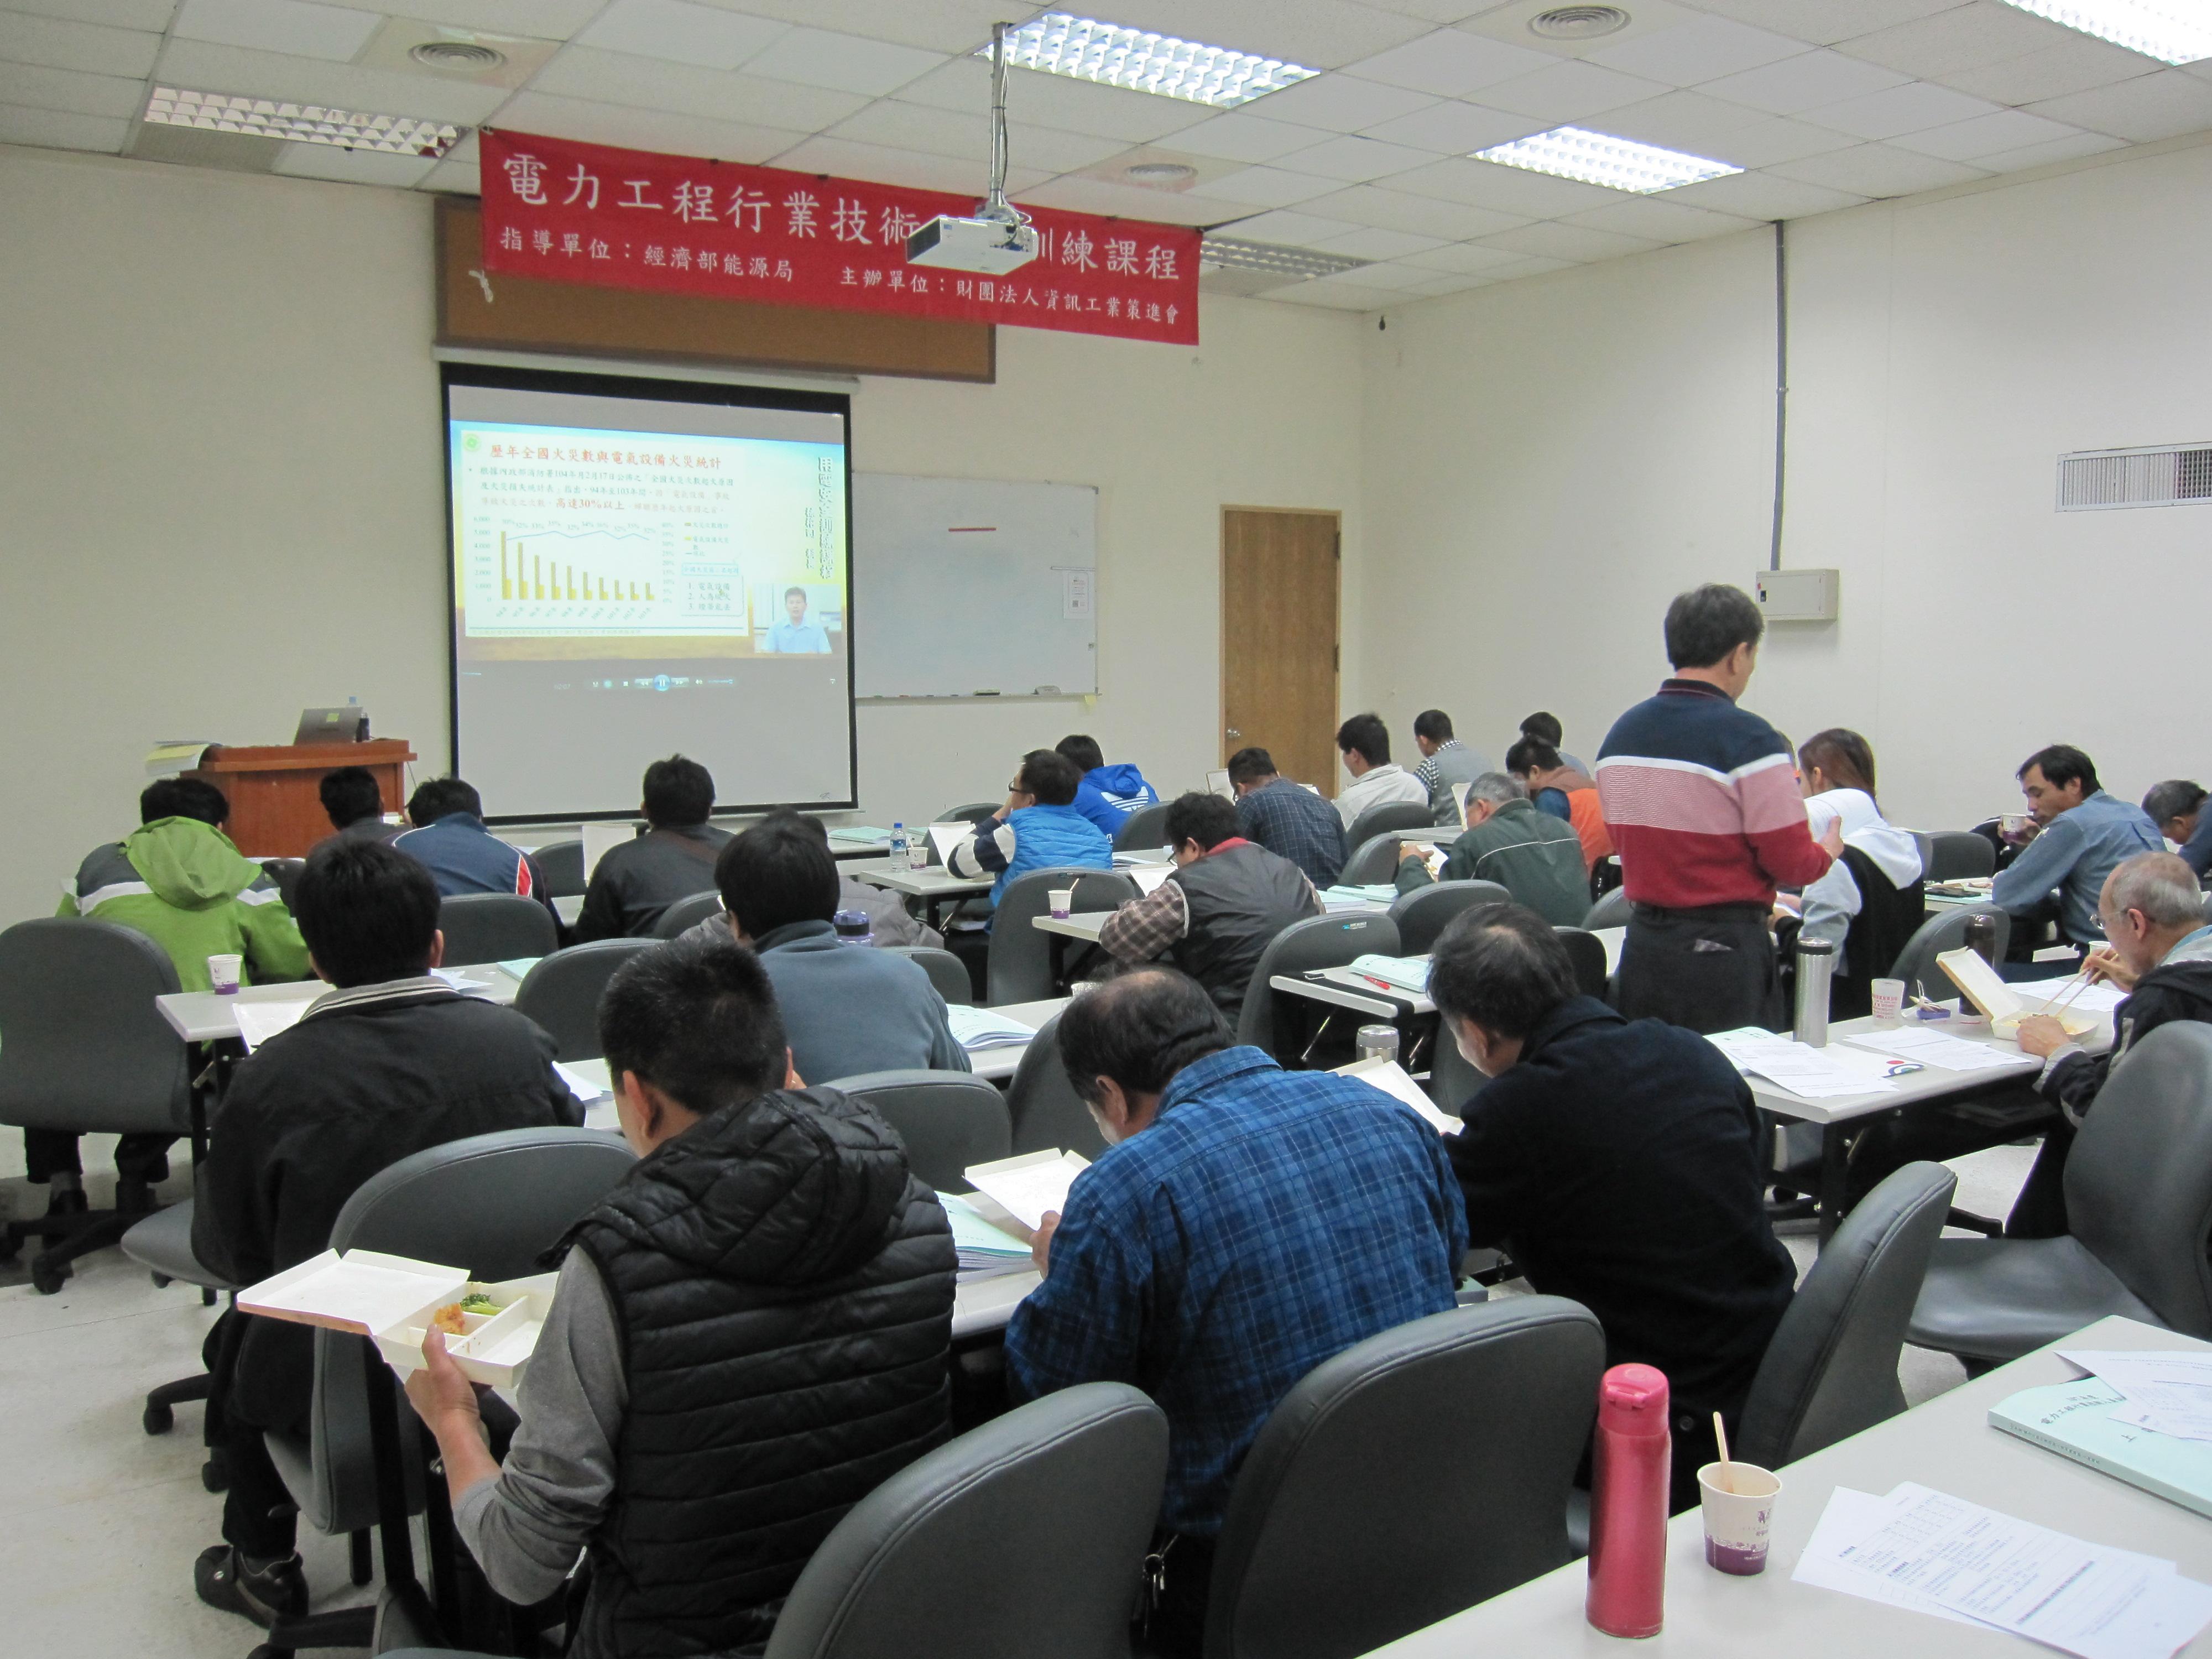 電力工程行業技術人員培訓課程活動成果-臺中市